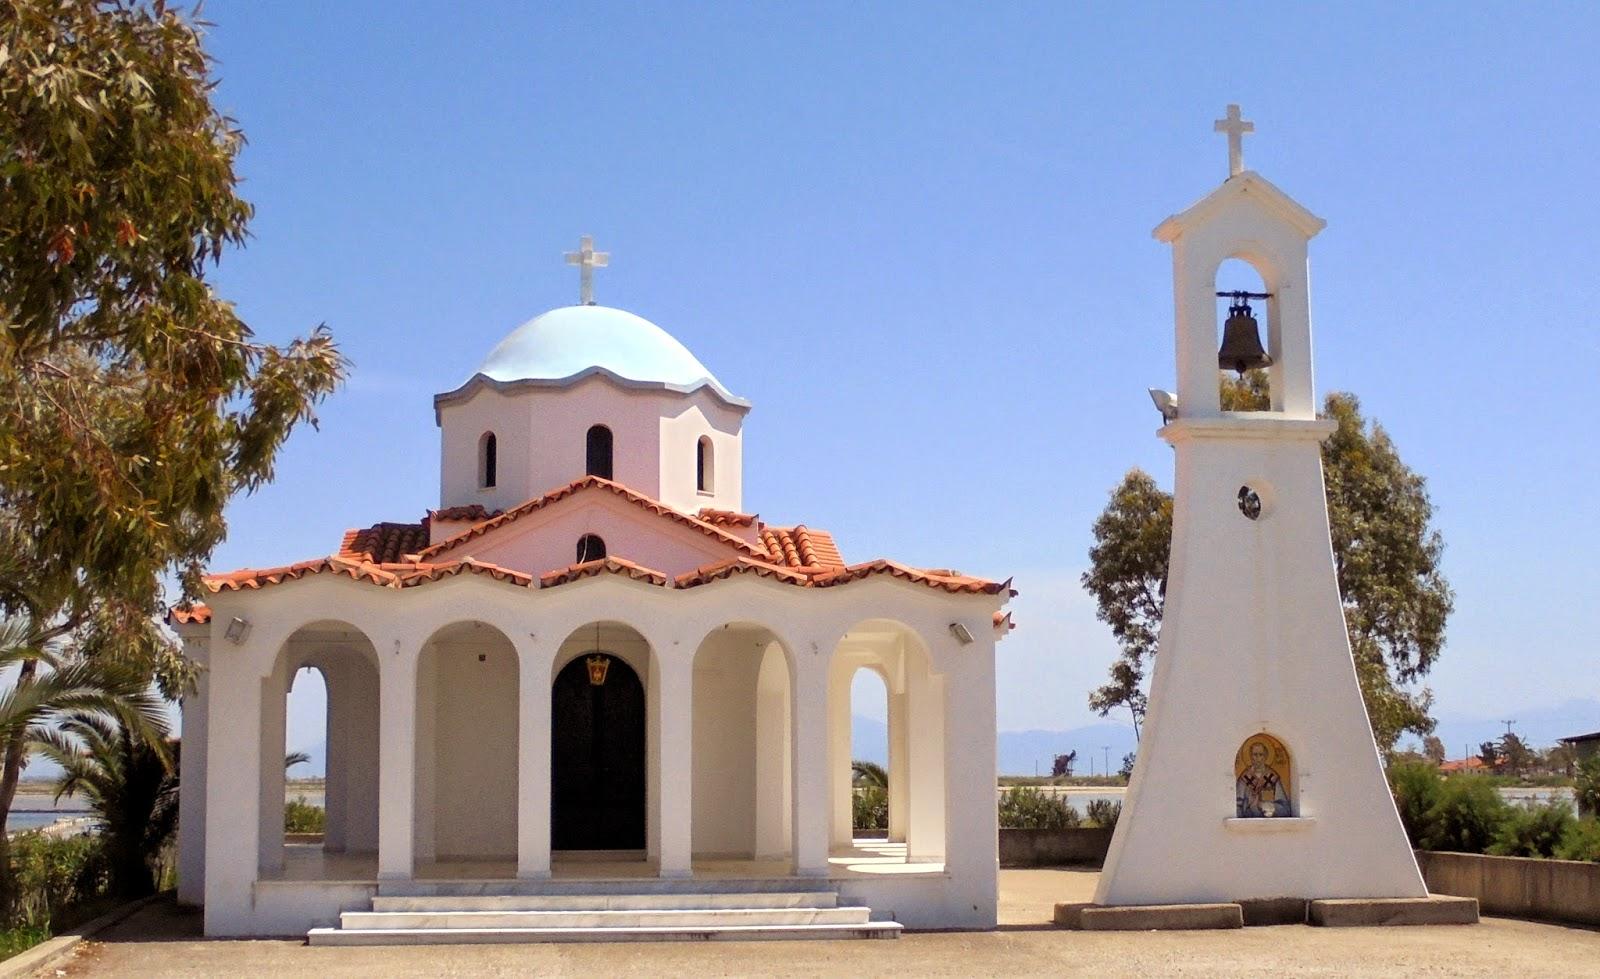 ο ναός του αγίου Νικολάου στην Τουρλίδα του Μεσολογγίου